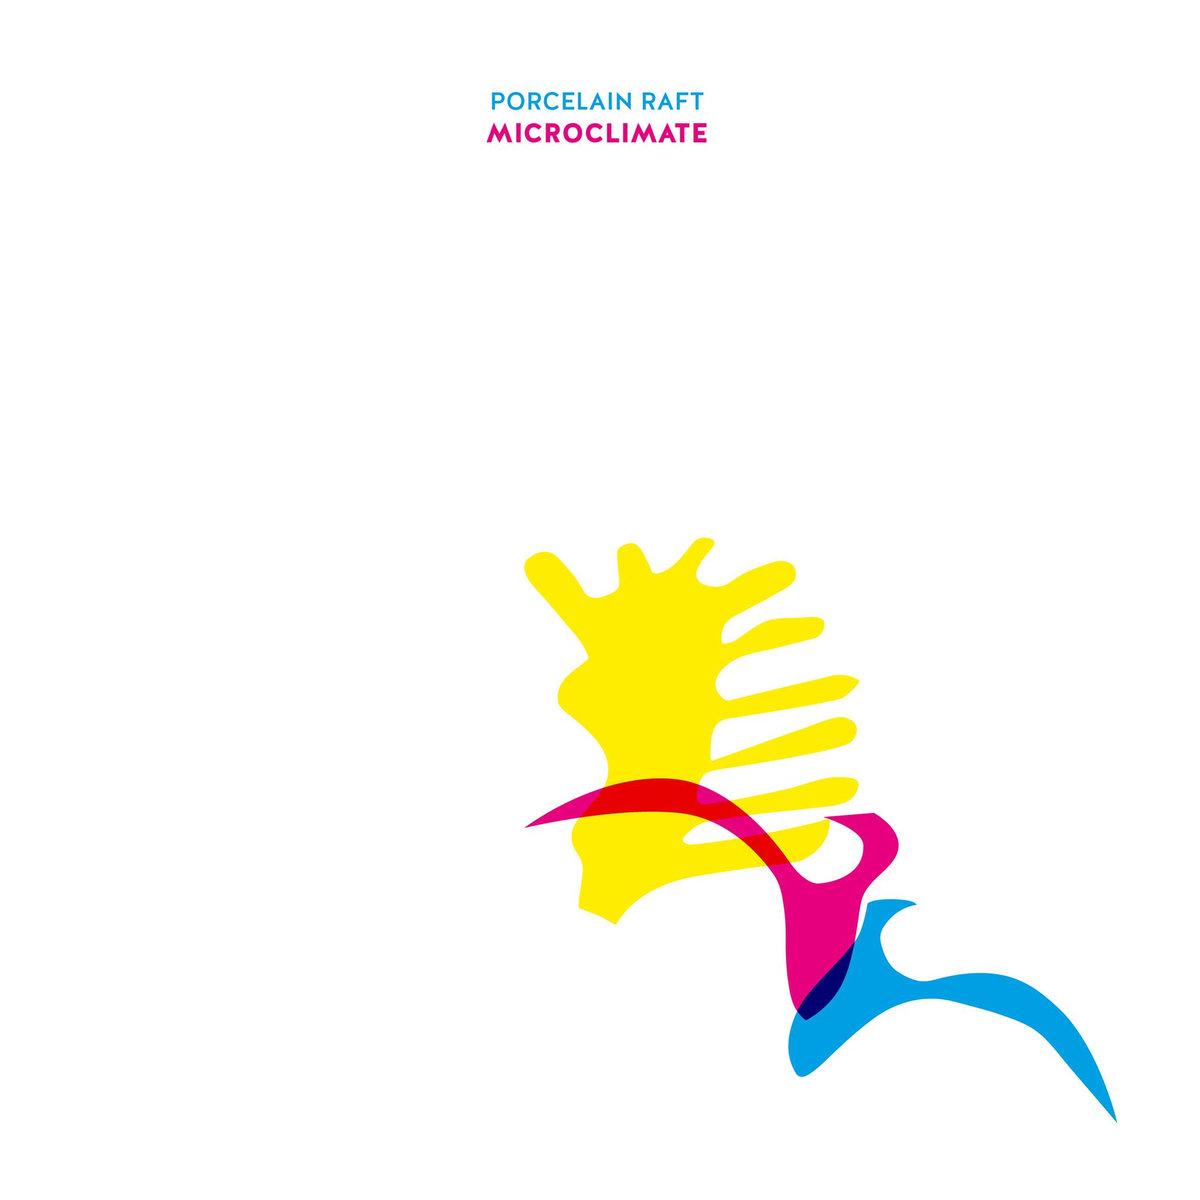 porcelain raft microclimate Porcelain Raft announces new album, Microclimate, shares Distant Shore    listen